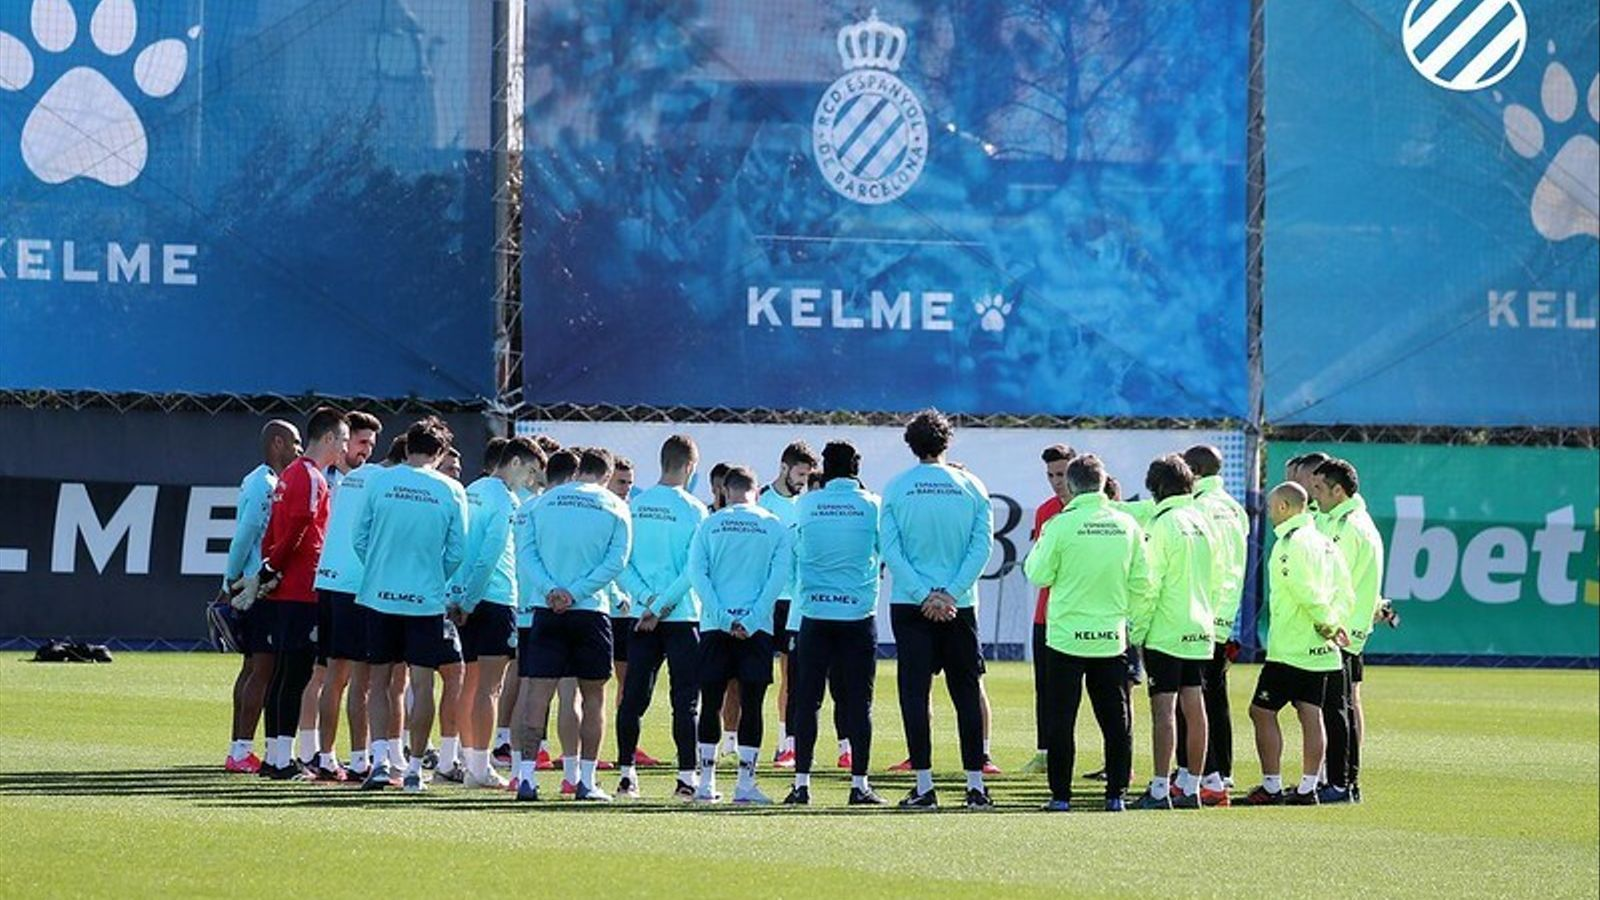 La plantilla de l'Espanyol, concentrada durant una xerrada en un entrenament